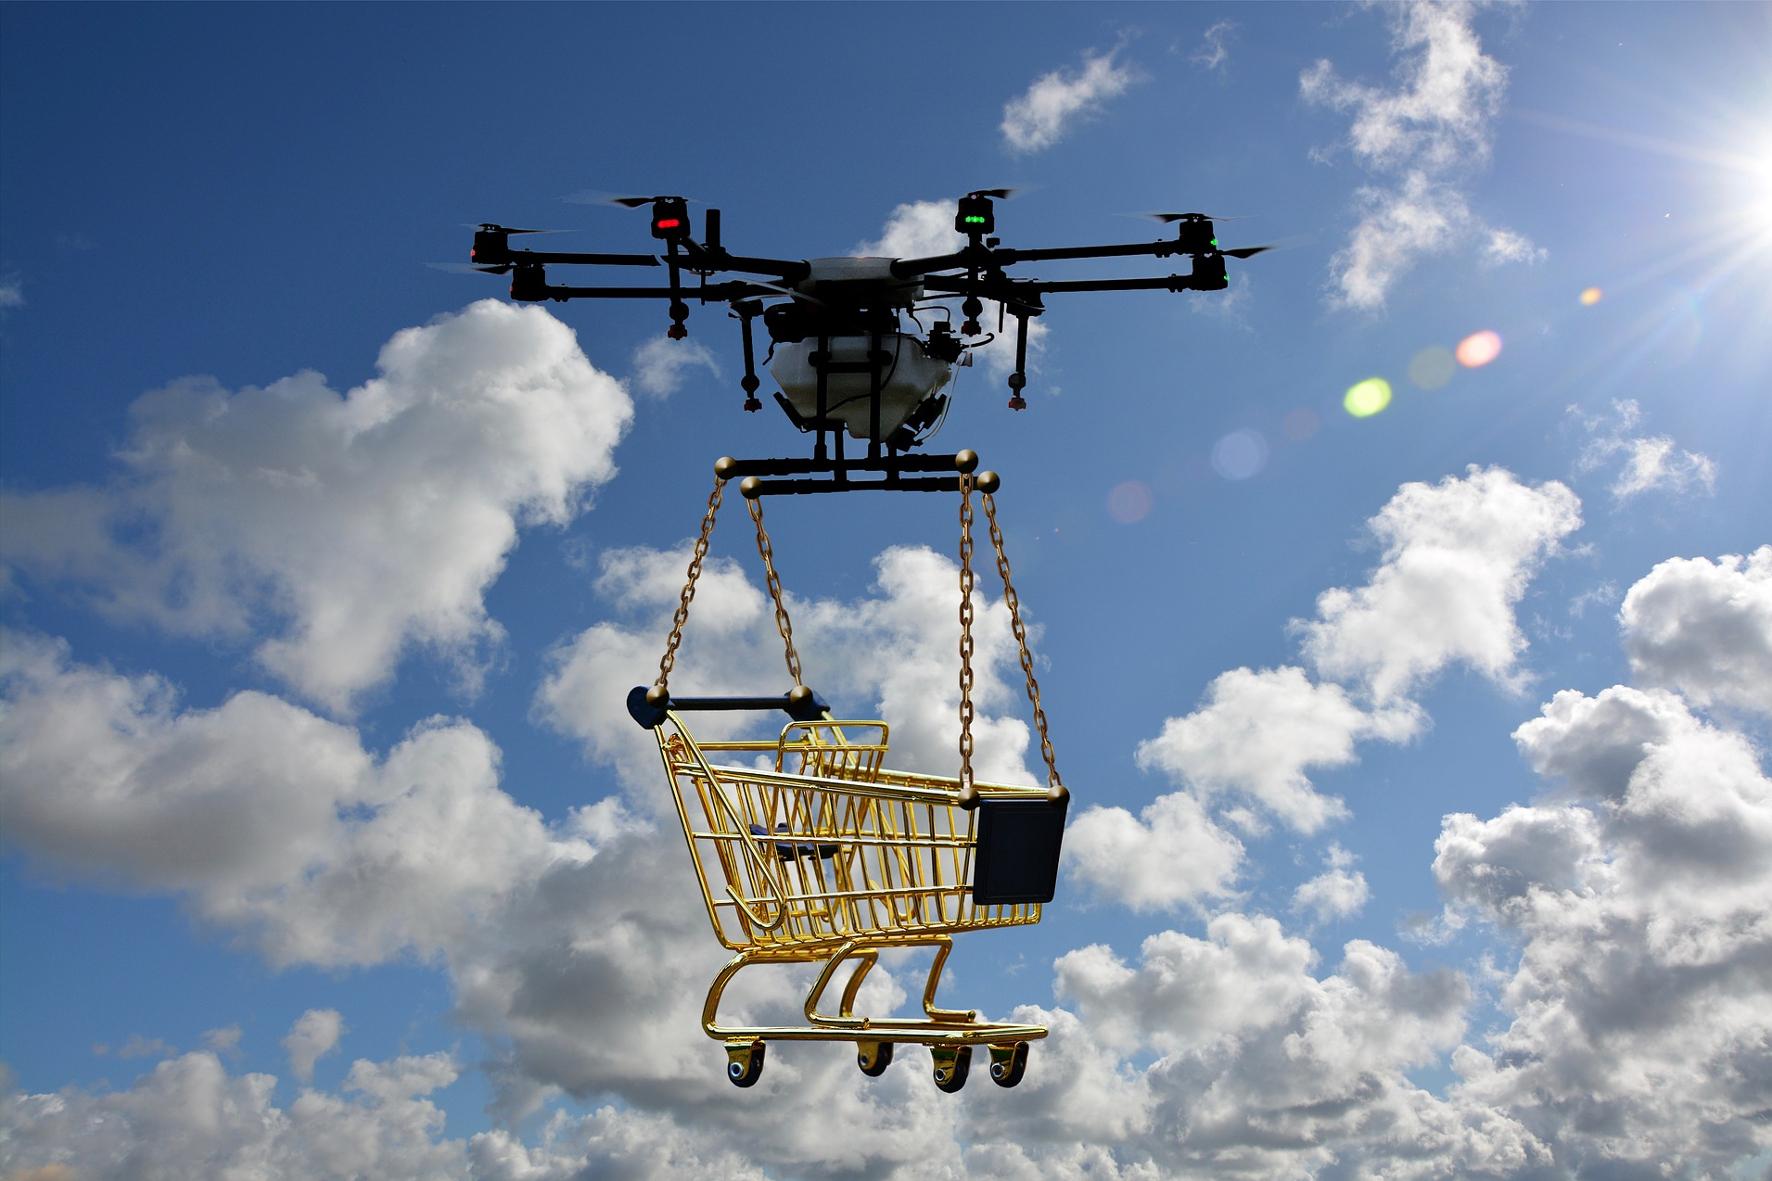 mid Groß-Gerau - Kein Scherz: Drohnen könnten schon bald für uns auf Einkaufs-Tour gehen oder besser gesagt: auf Einkaufs-Flug. geralt / pixabay.com